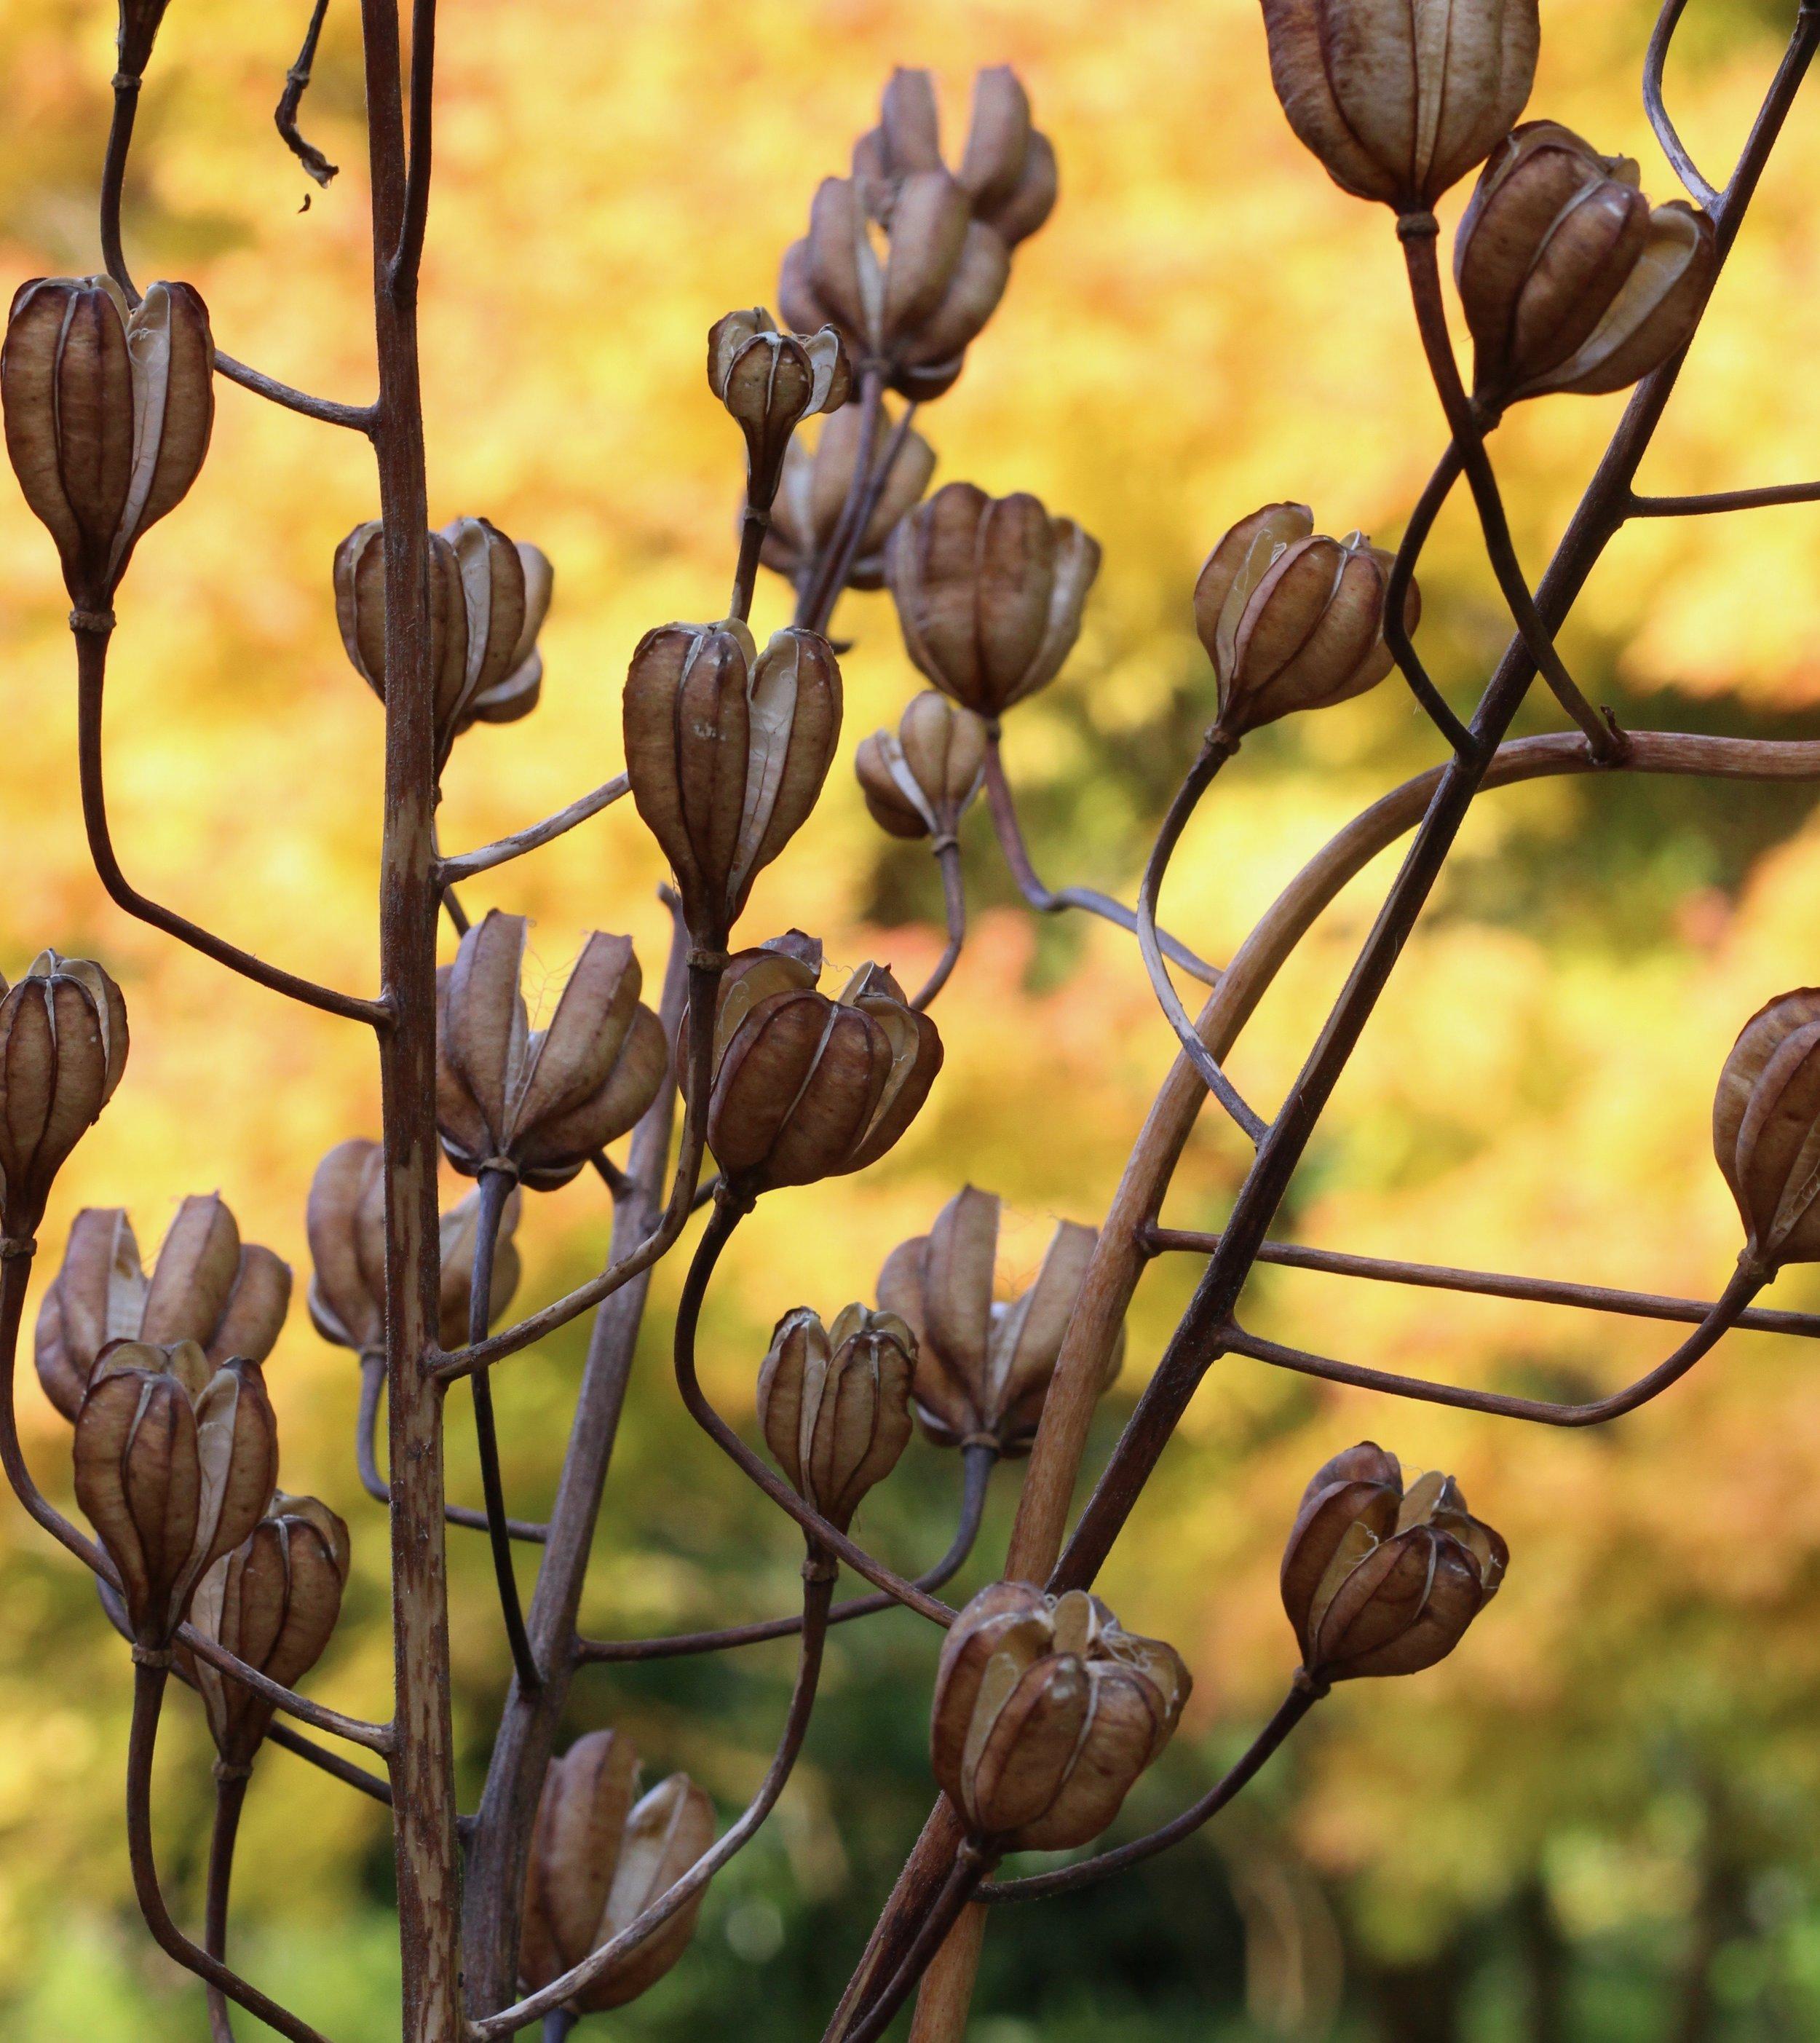 Martagon lilies at Cambo